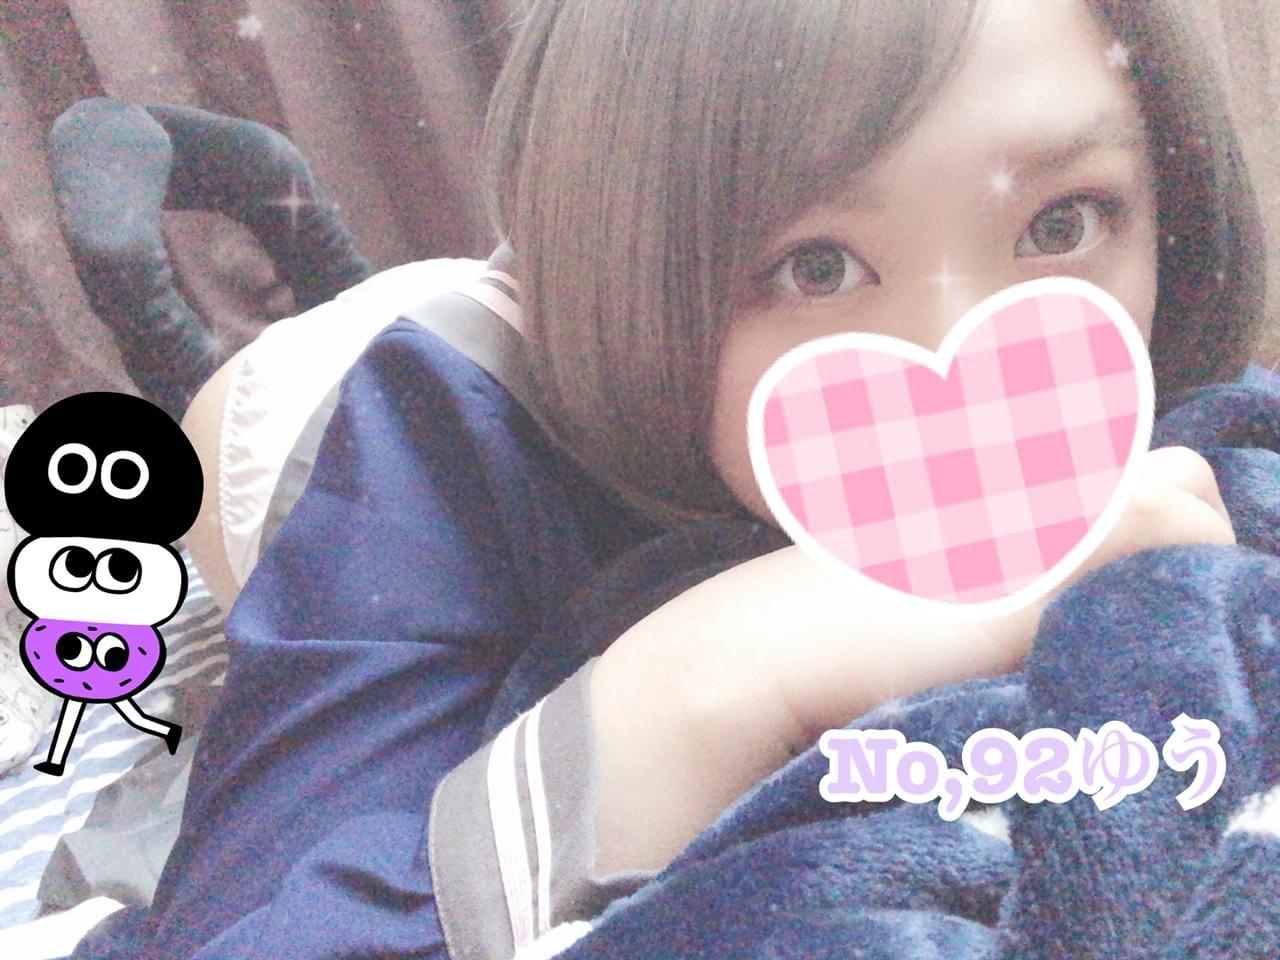 「おはー(⑉• •⑉)❤︎」11/24(日) 09:10 | ゆうの写メ・風俗動画